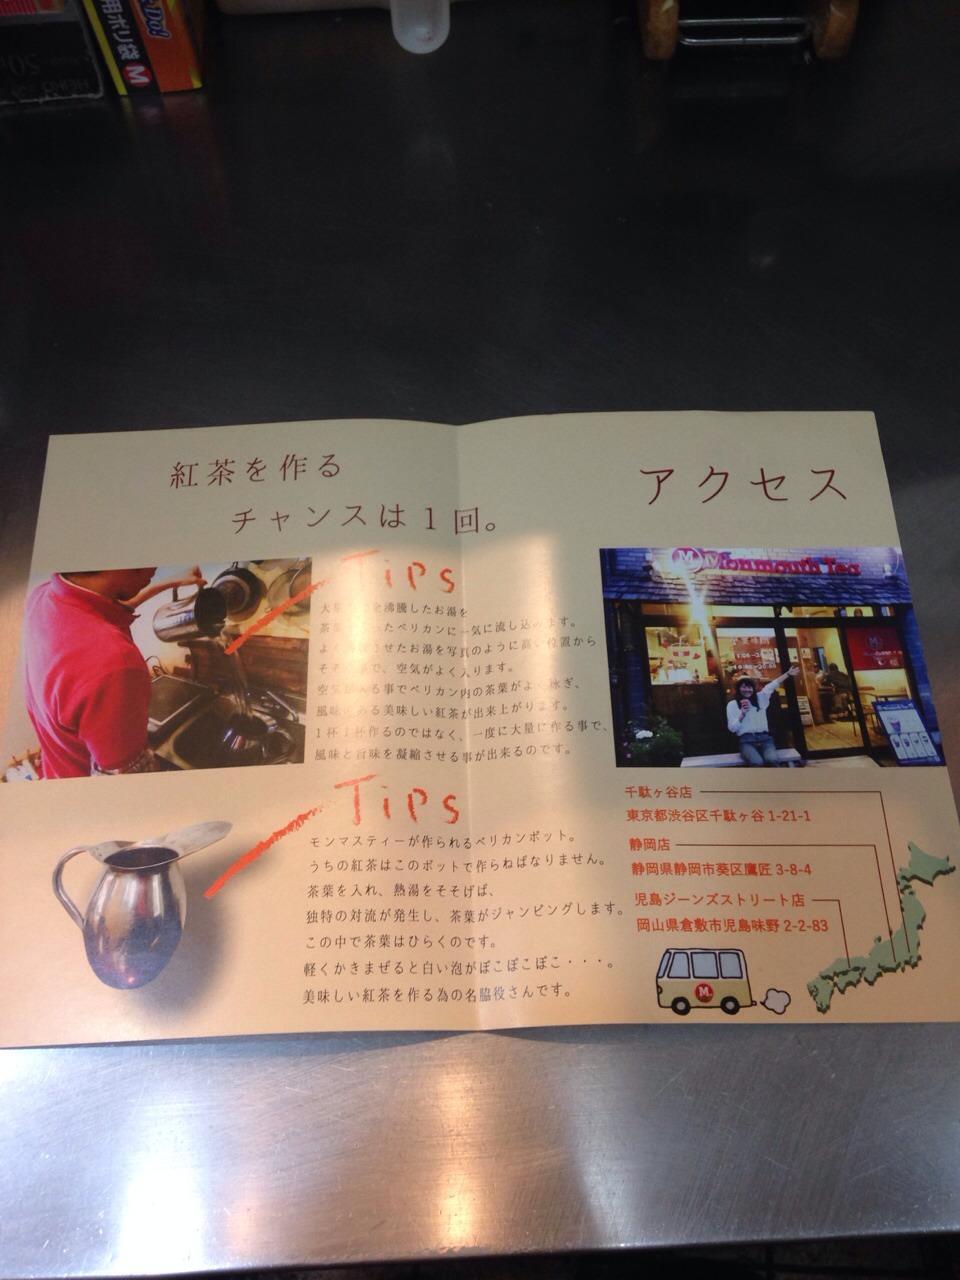 「静岡モンマスティーとのコラボ」_a0075684_18541599.jpg